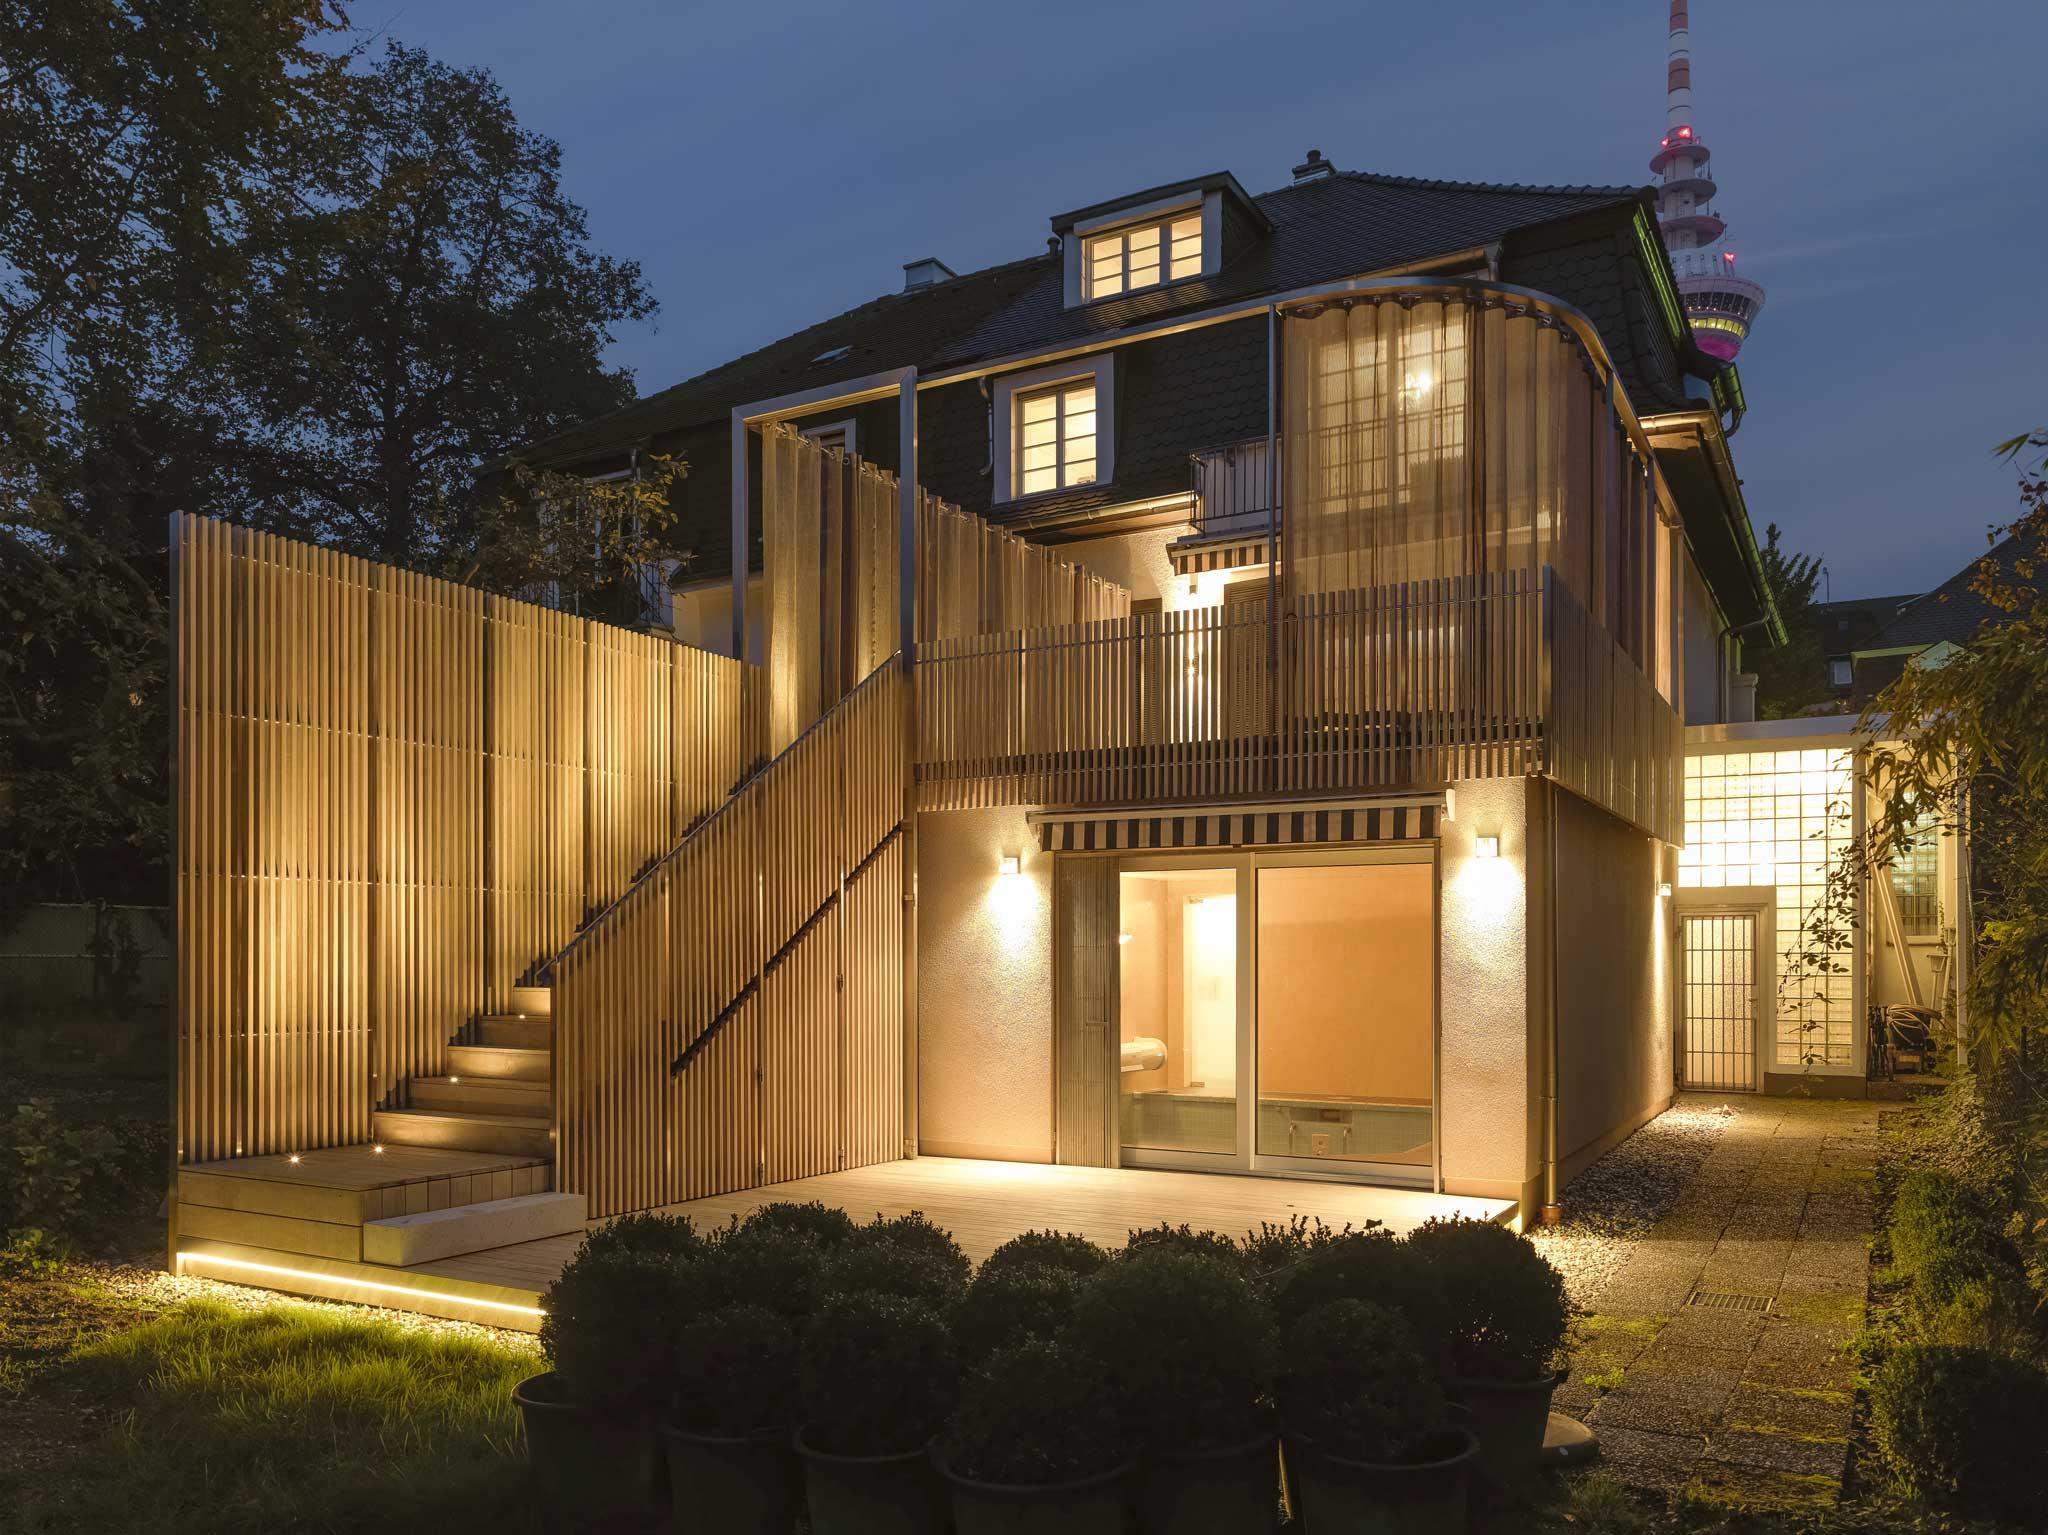 haus m umbau und sanierung von terrasse und schwimmbad metris architekten stadtplaner. Black Bedroom Furniture Sets. Home Design Ideas